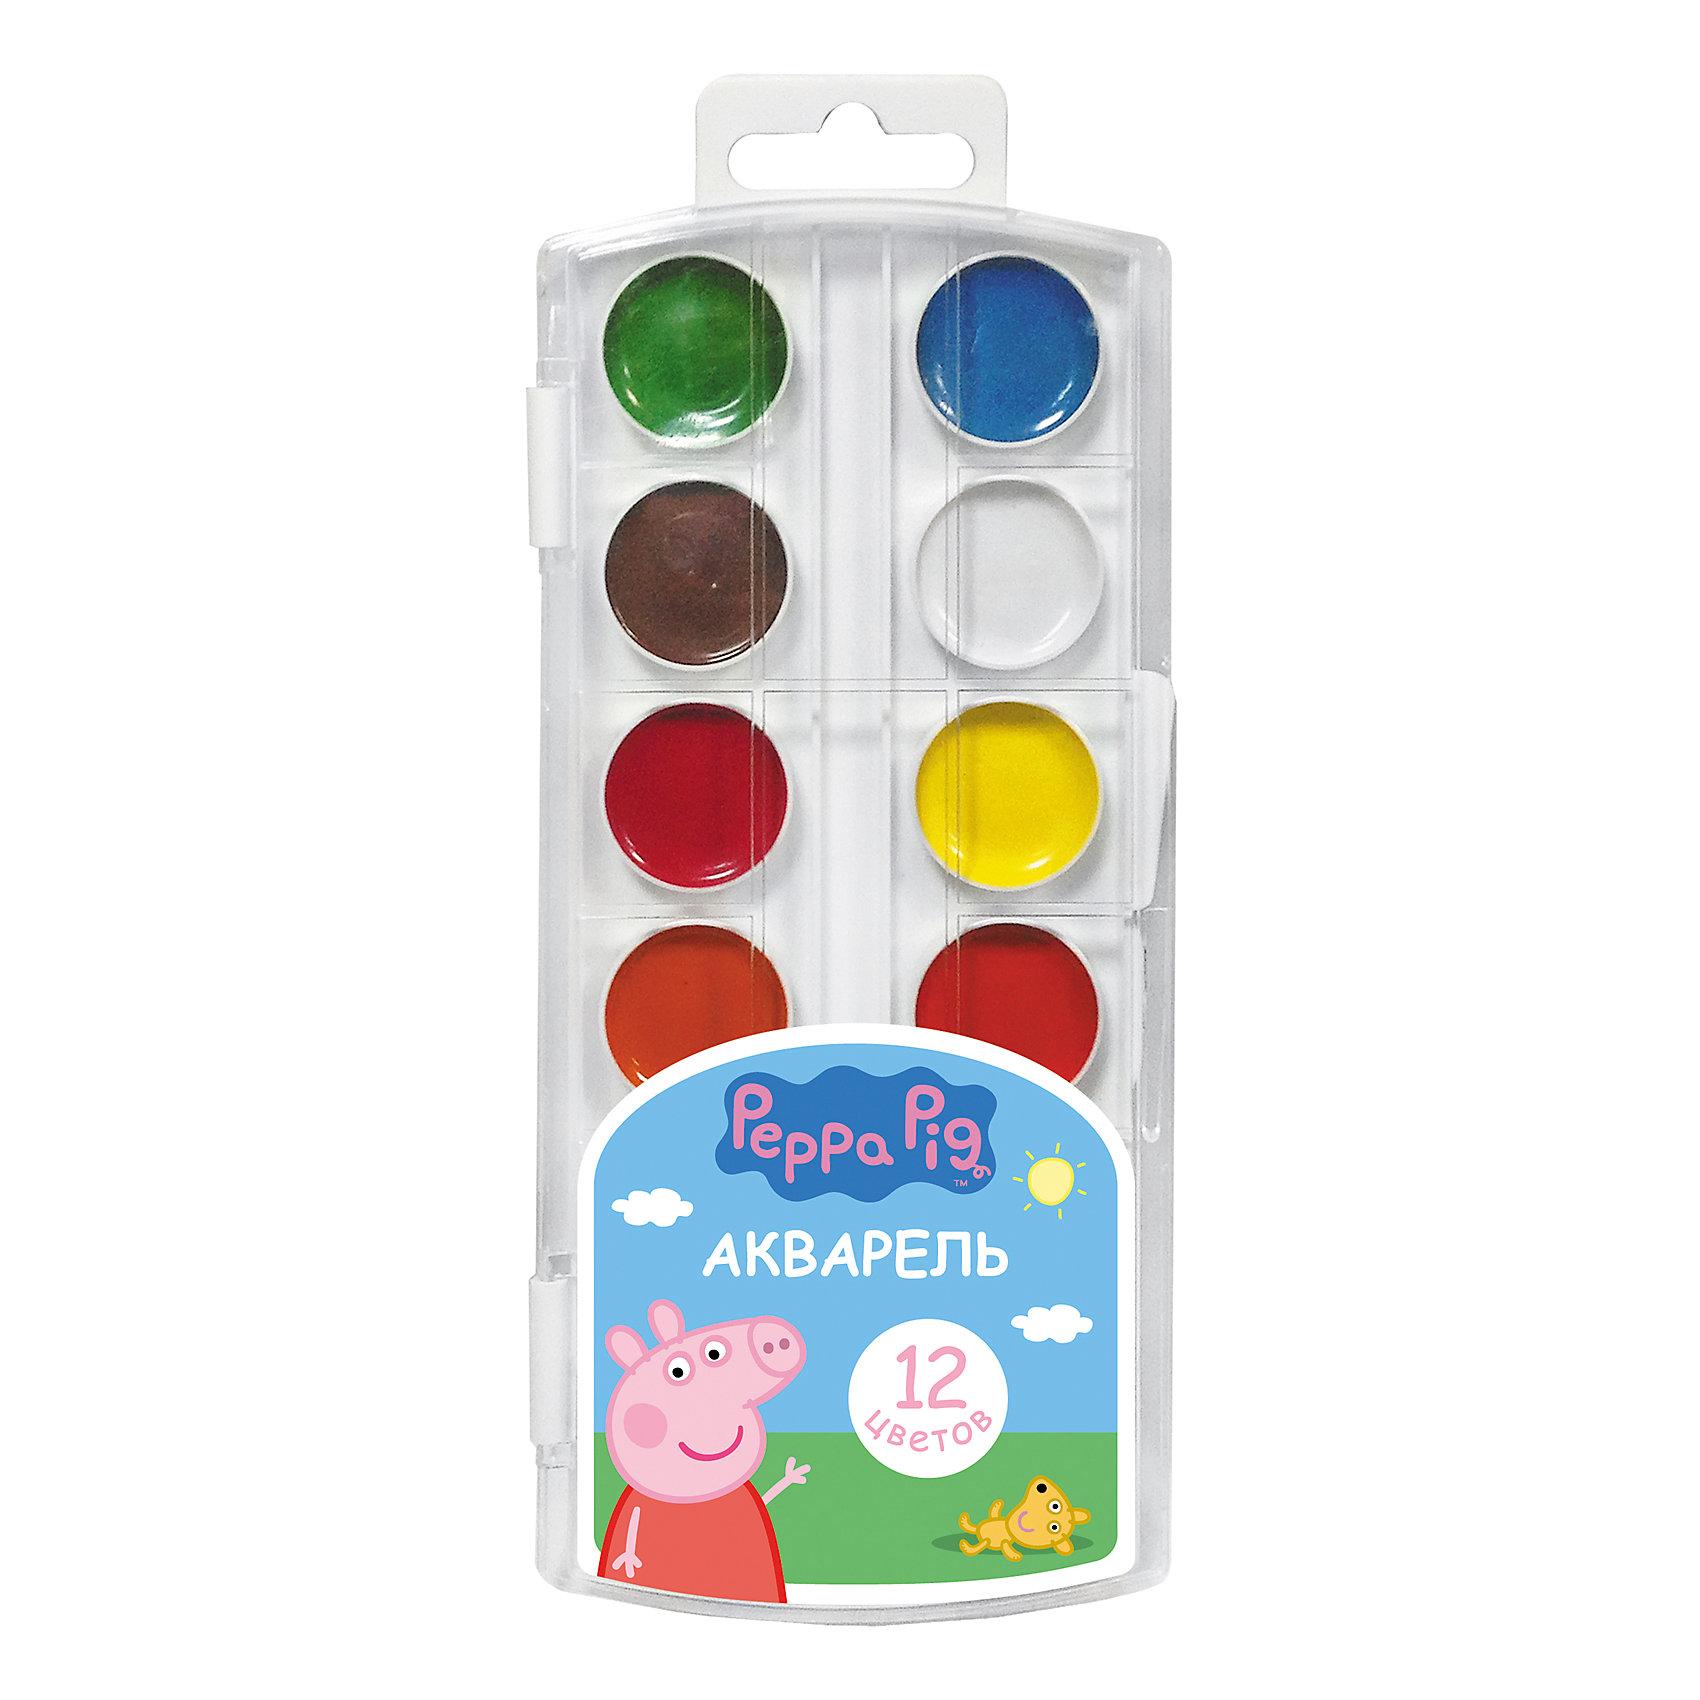 Акварель 12 цветов Свинка Пеппа, Peppa PigВ наборе акварельных красок «Свинка Пеппа» 12 насыщенных цветов, которые помогут вашему малышу создать яркие картинки. Краски идеально подходят для рисования: они хорошо размываются водой, легко наносятся на поверхность, быстро сохнут, безопасны при использовании по назначению. Состав: вода питьевая, декстрин, глицерин, сахар, органические и неорганические тонкодисперсные пигменты, консервант, наполнитель. Не содержит спирта. Товар сертифицирован. Срок годности не ограничен. Размер упаковки: 8,5х19,7х1,2 см.<br><br>Ширина мм: 195<br>Глубина мм: 80<br>Высота мм: 100<br>Вес г: 80<br>Возраст от месяцев: 36<br>Возраст до месяцев: 2147483647<br>Пол: Унисекс<br>Возраст: Детский<br>SKU: 5453349